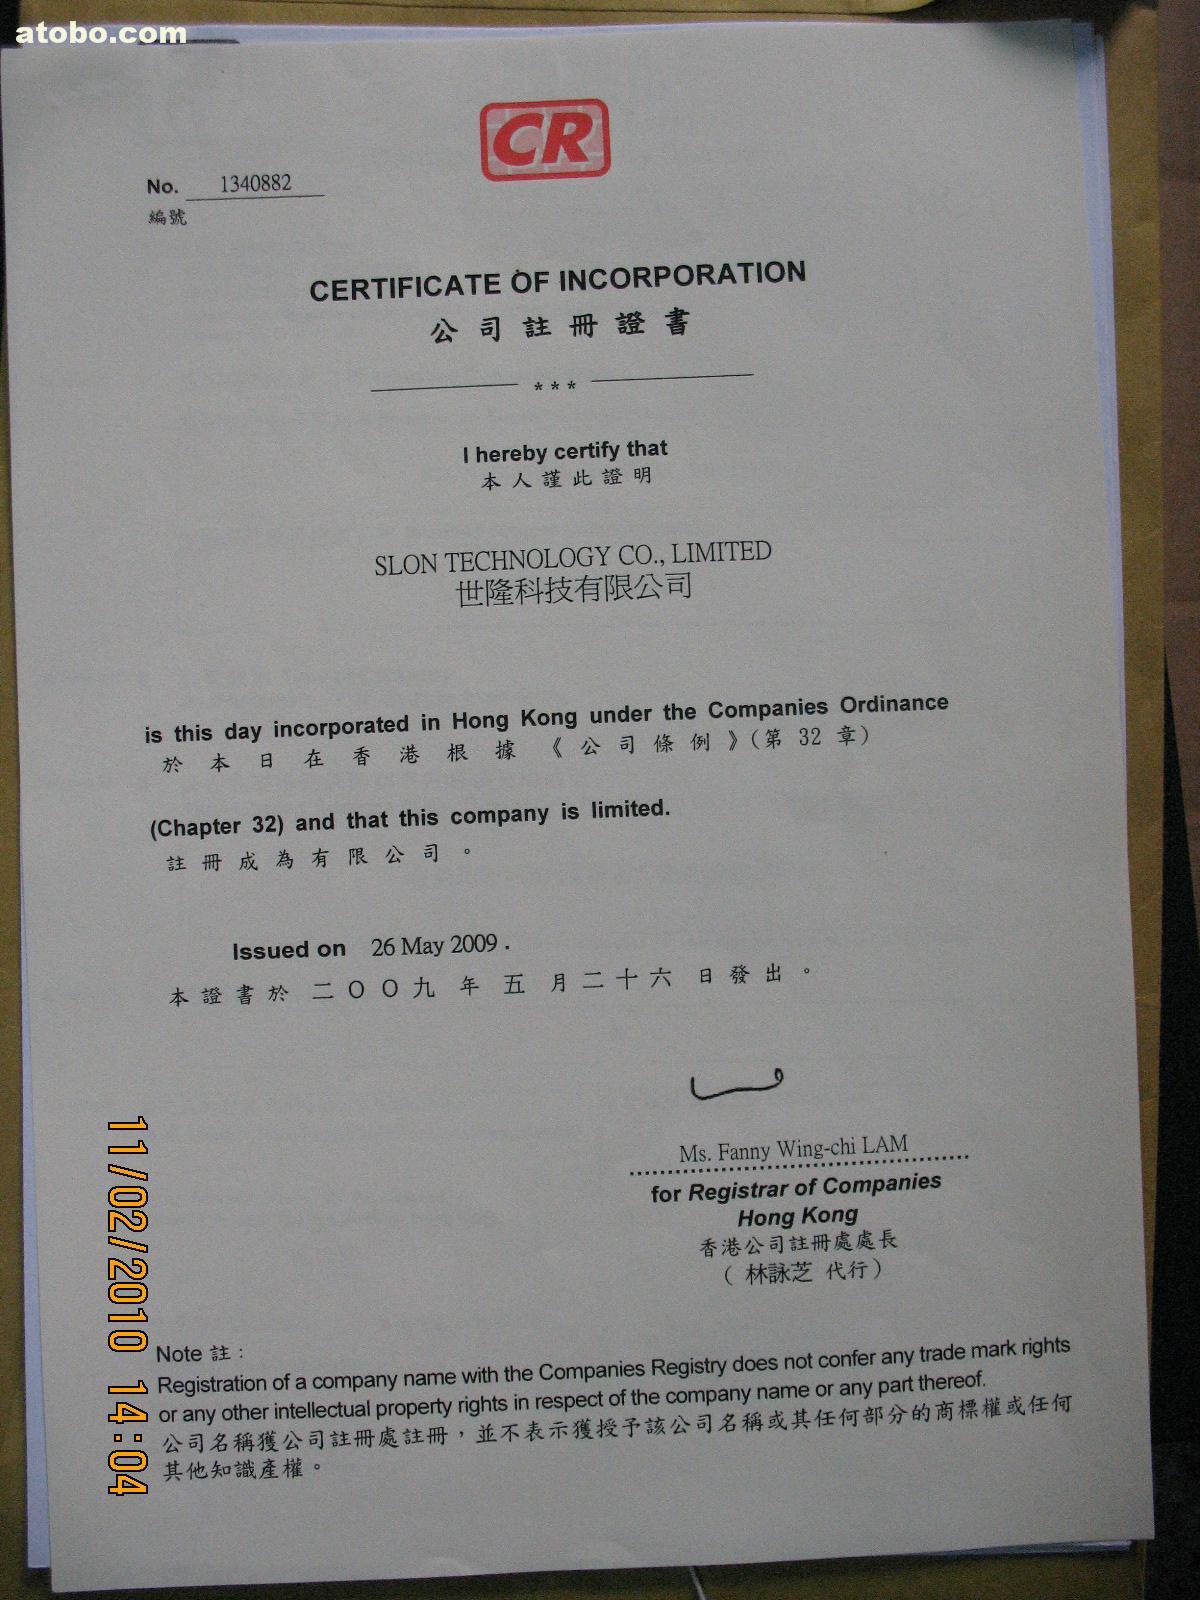 香港人在广州注册公司的流程是怎样的